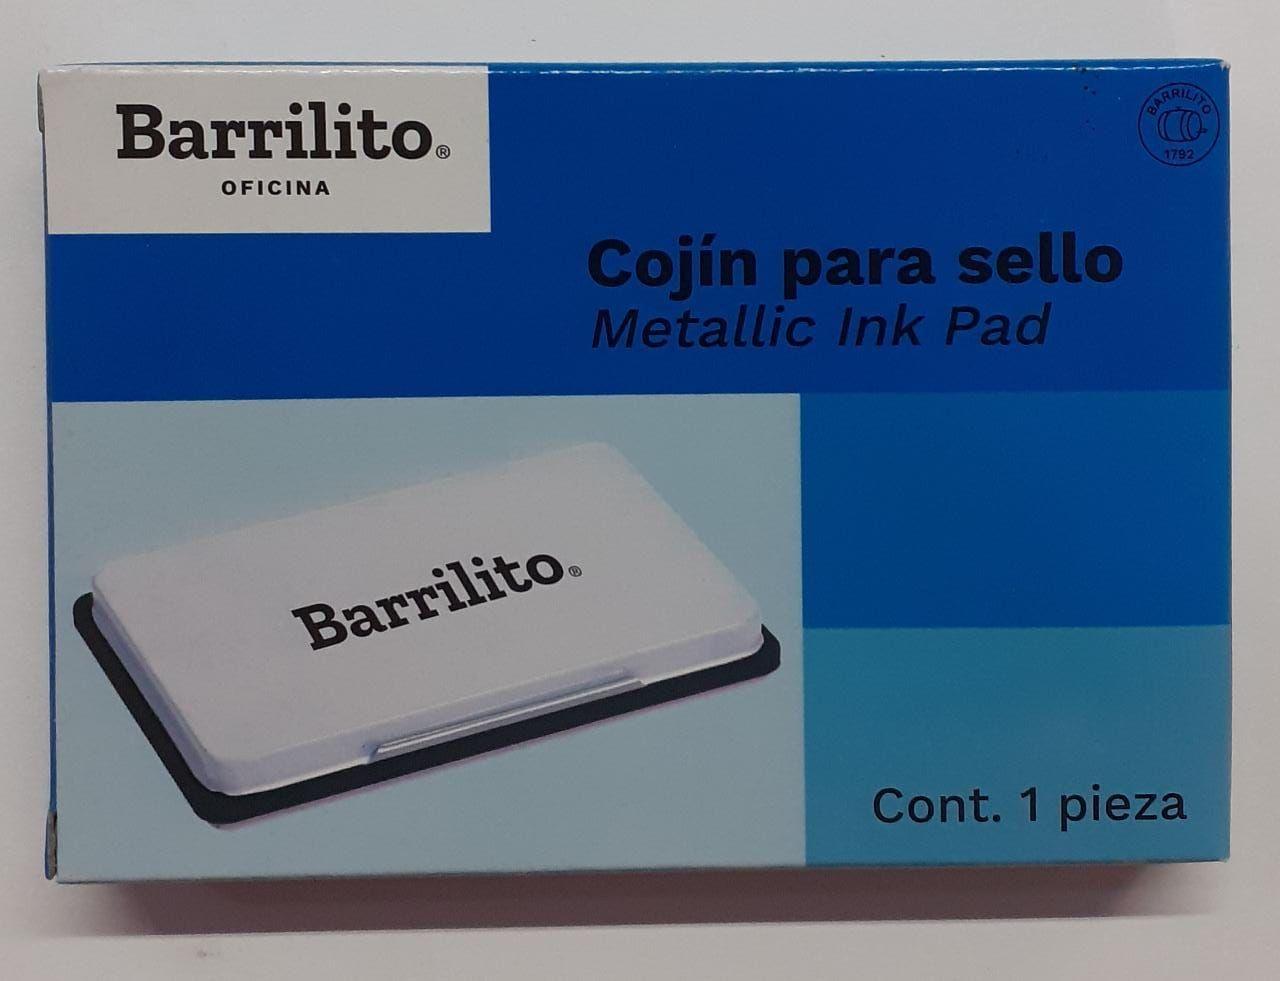 COJIN BARRILITO PARA SELLO CO3N